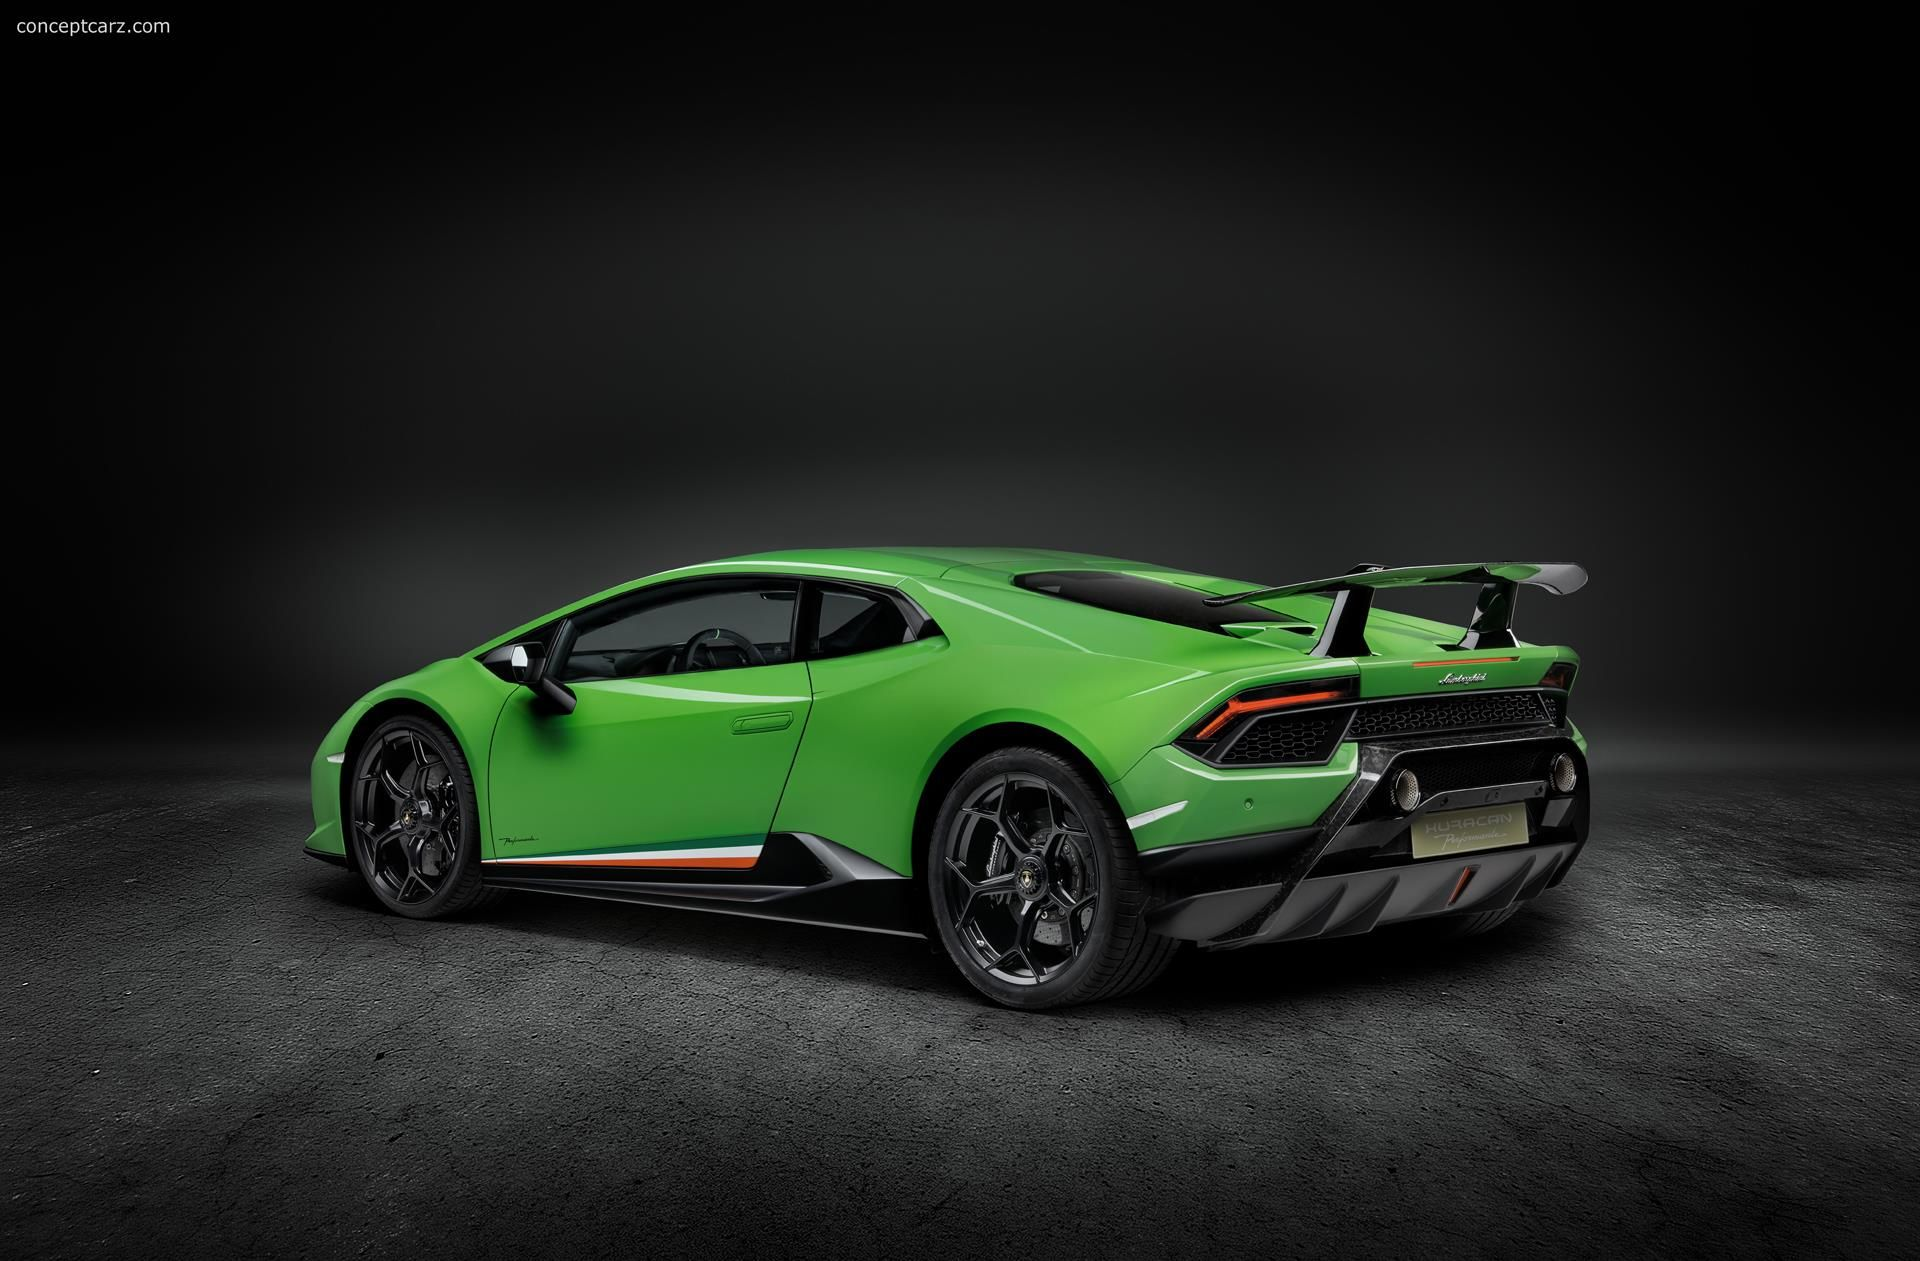 d406ae63c423b50c7a3e1823a82d1900 Mesmerizing Lamborghini Huracan Price In south Africa Cars Trend